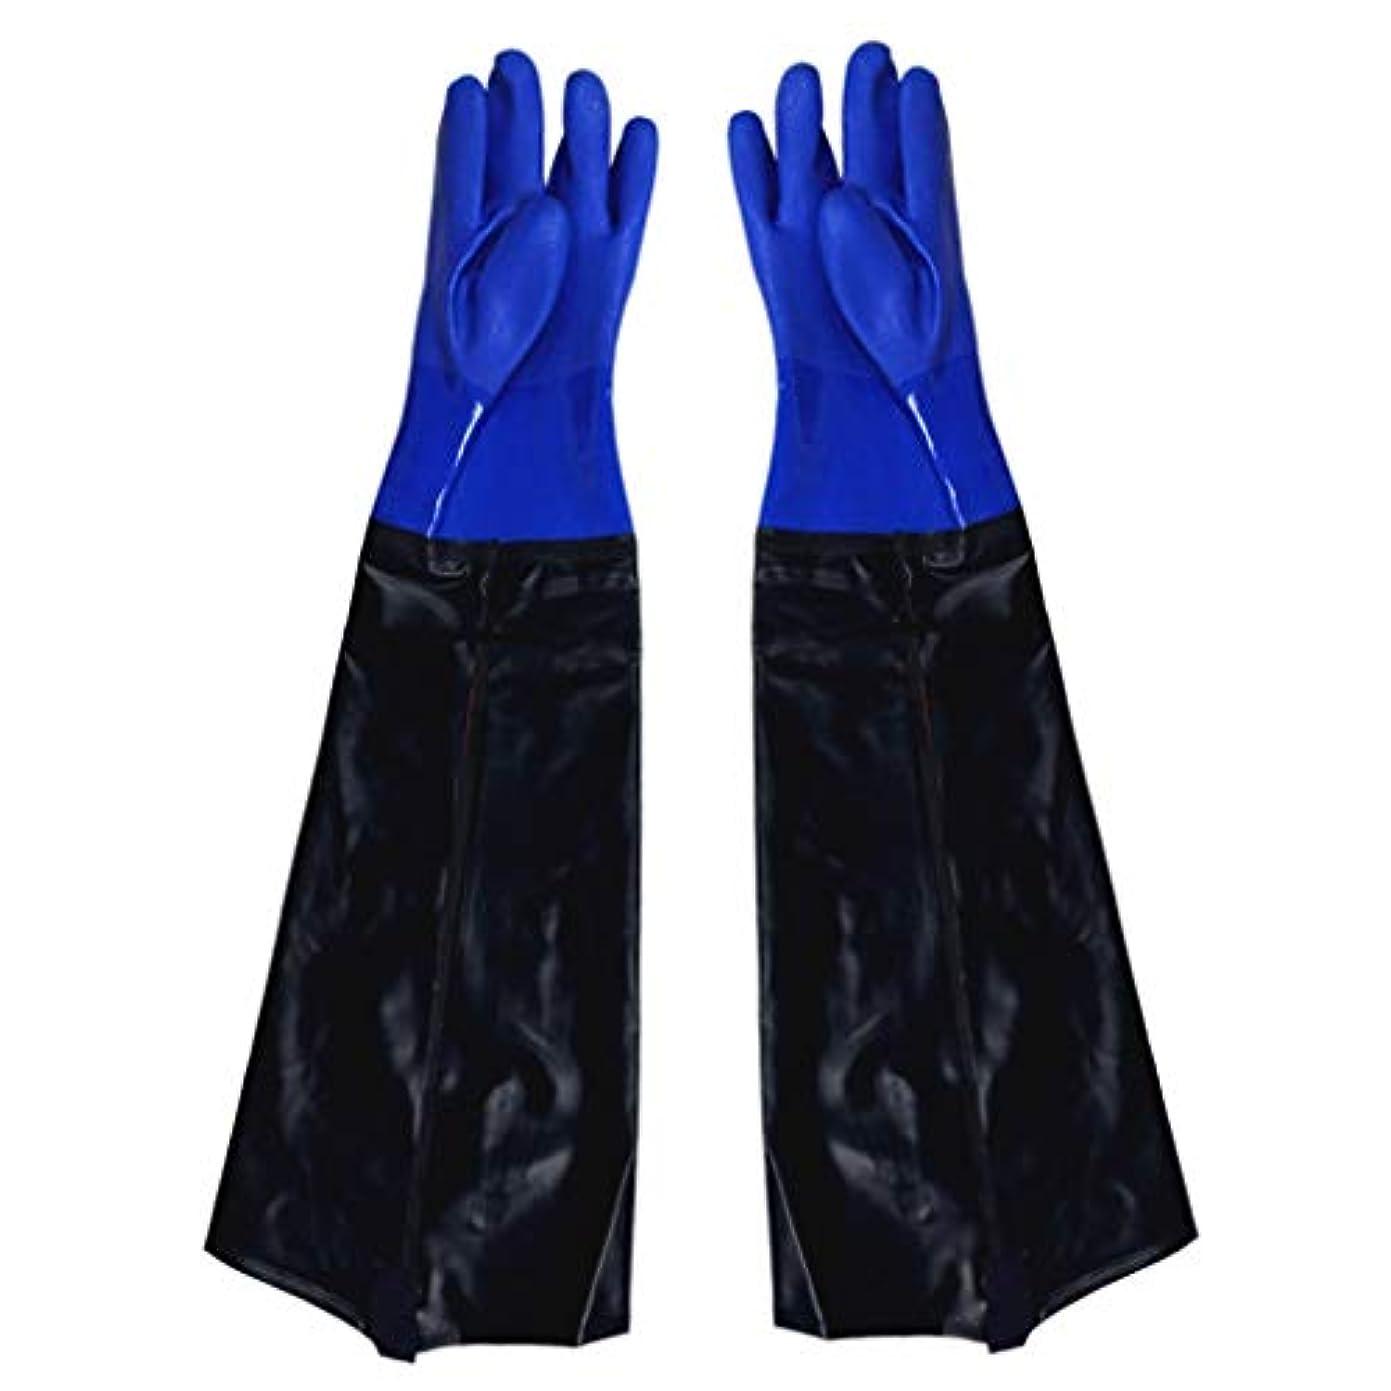 復活するペネロペ明示的にゴム手袋 - 漁業に強い耐久性のある酸とアルカリを広げることを長くすること